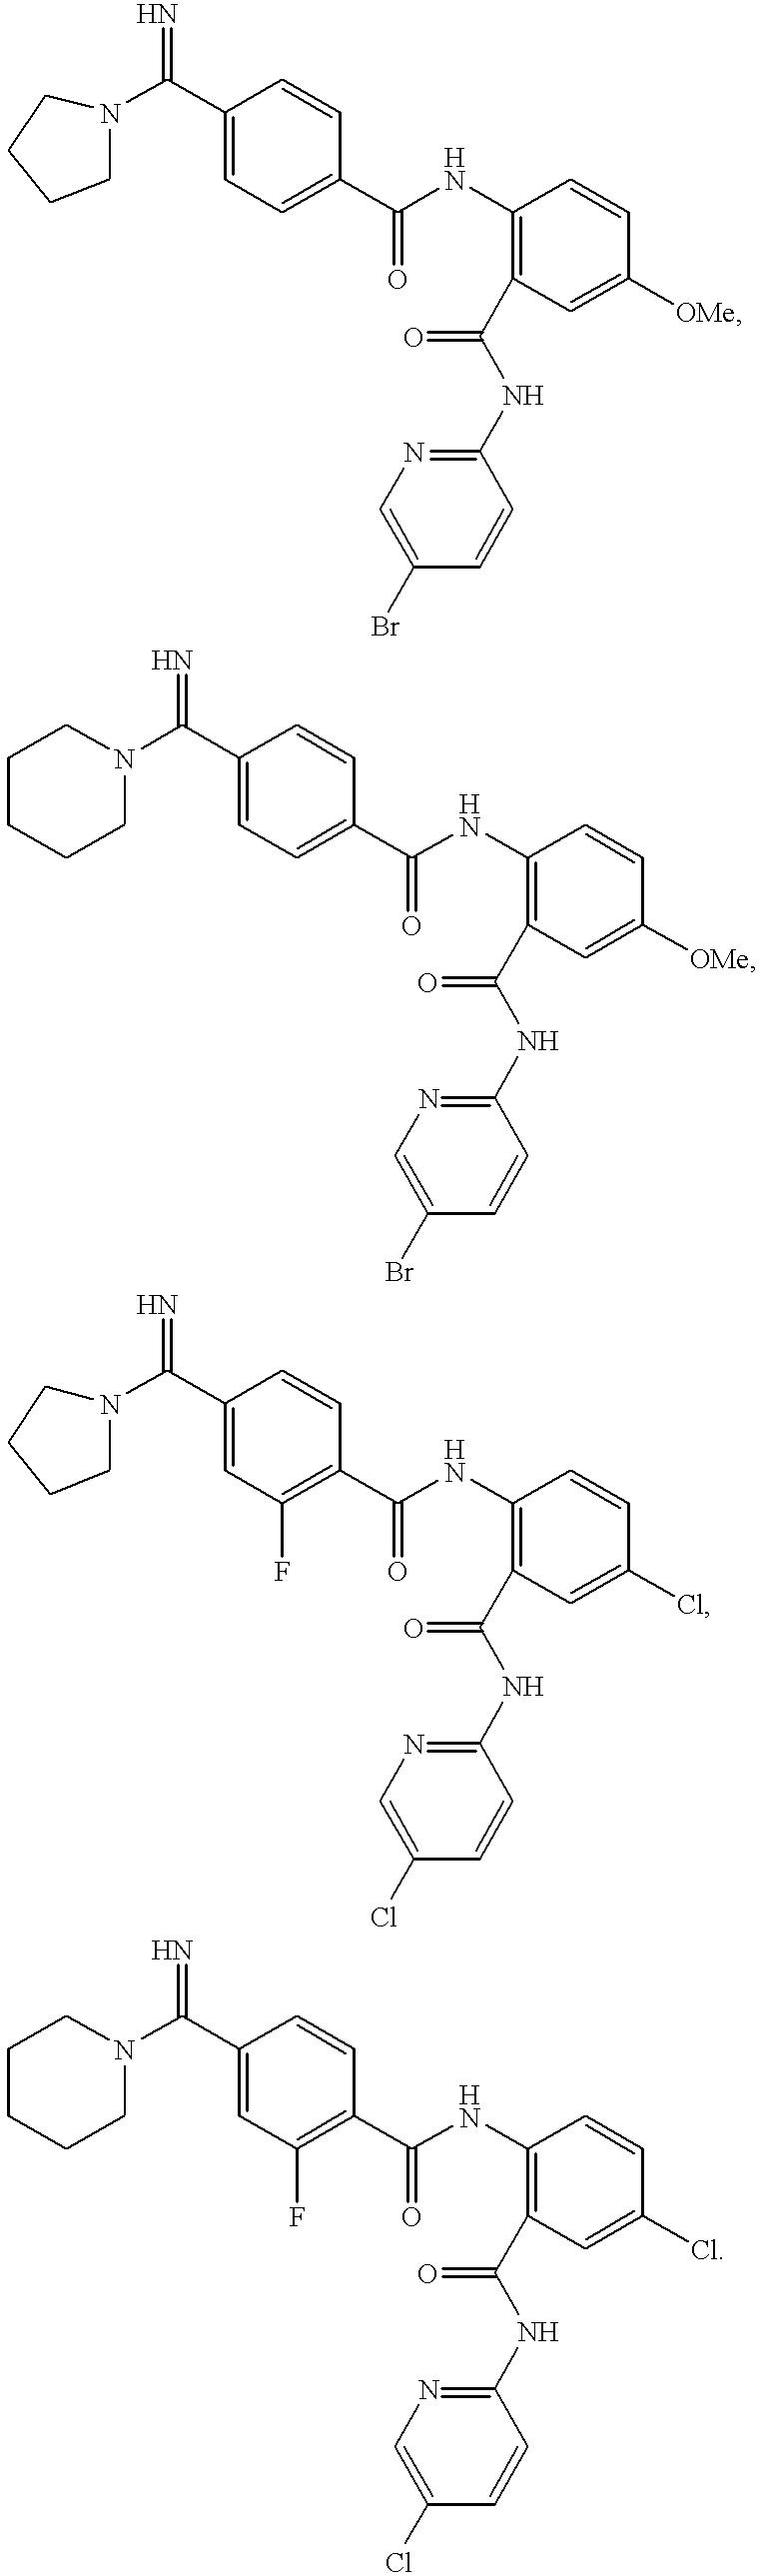 Figure US06376515-20020423-C00062